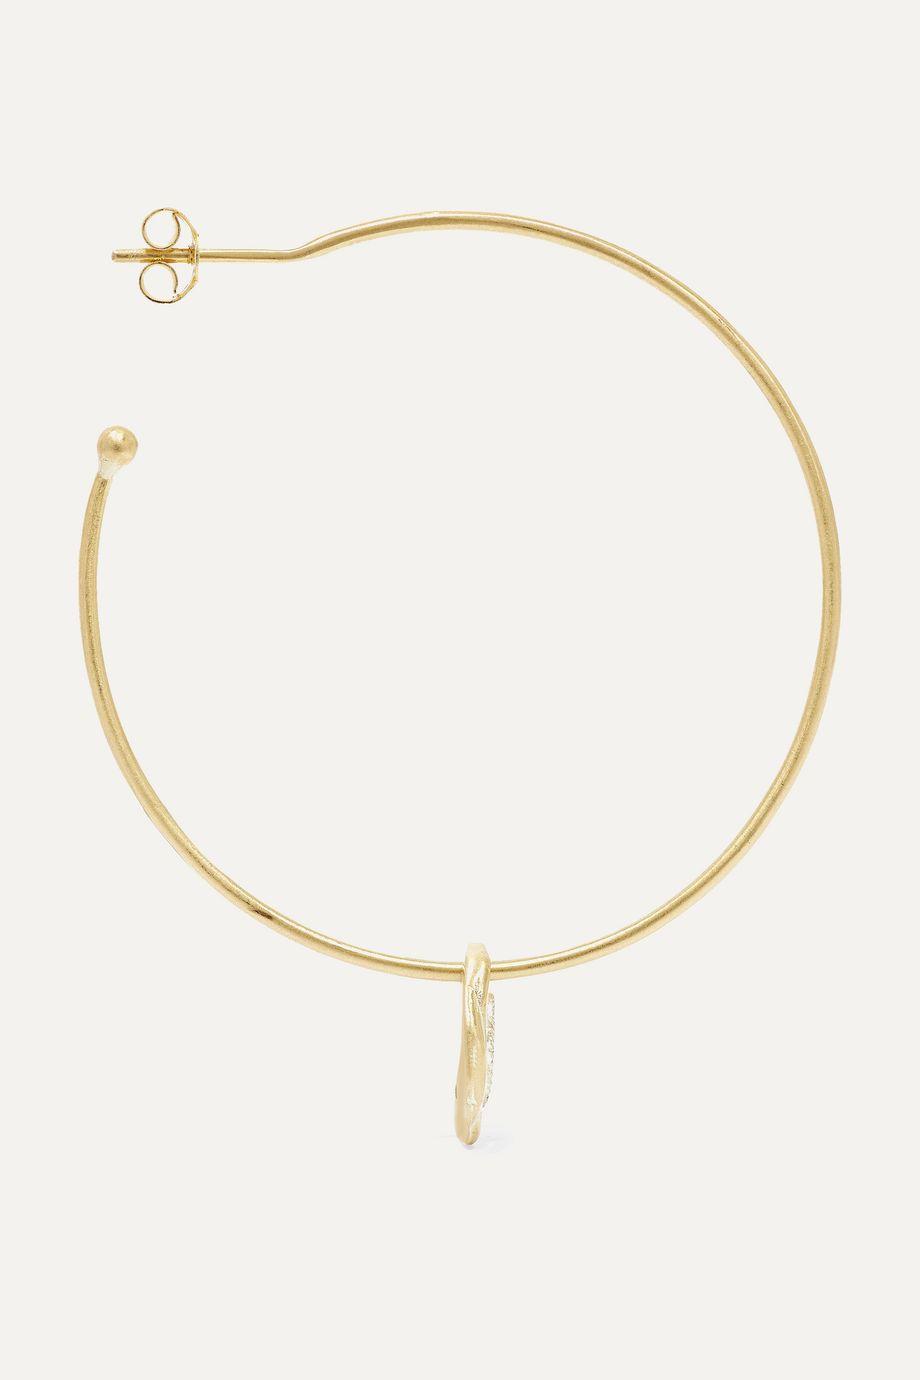 Pascale Monvoisin Hayett 9-karat gold diamond earring